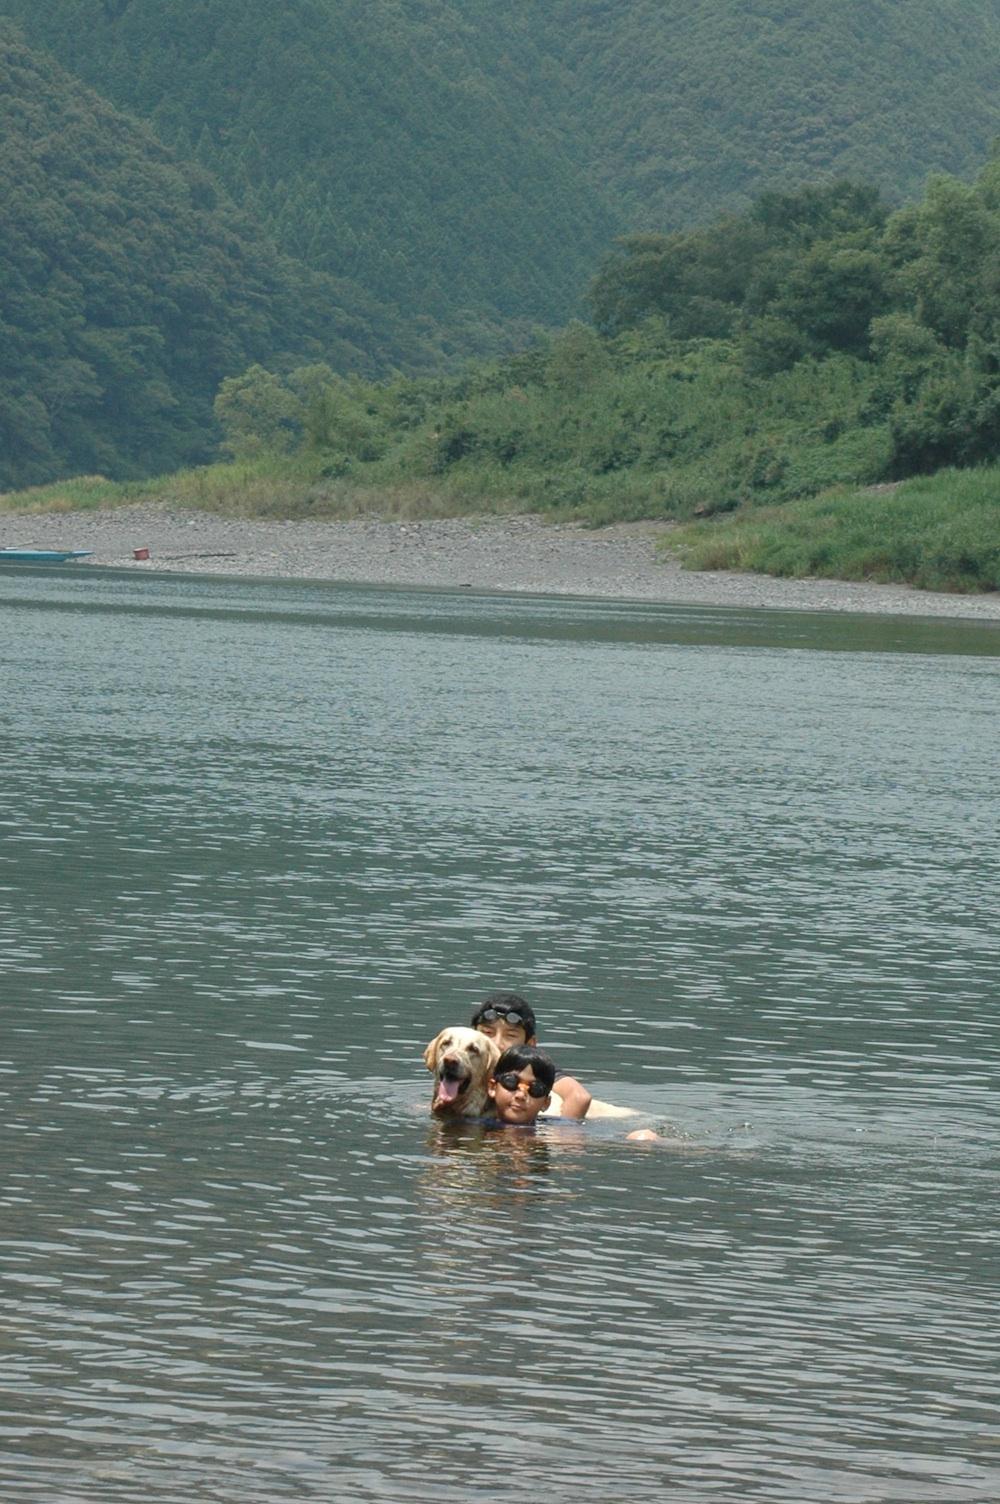 040725_shimannto_river_028a